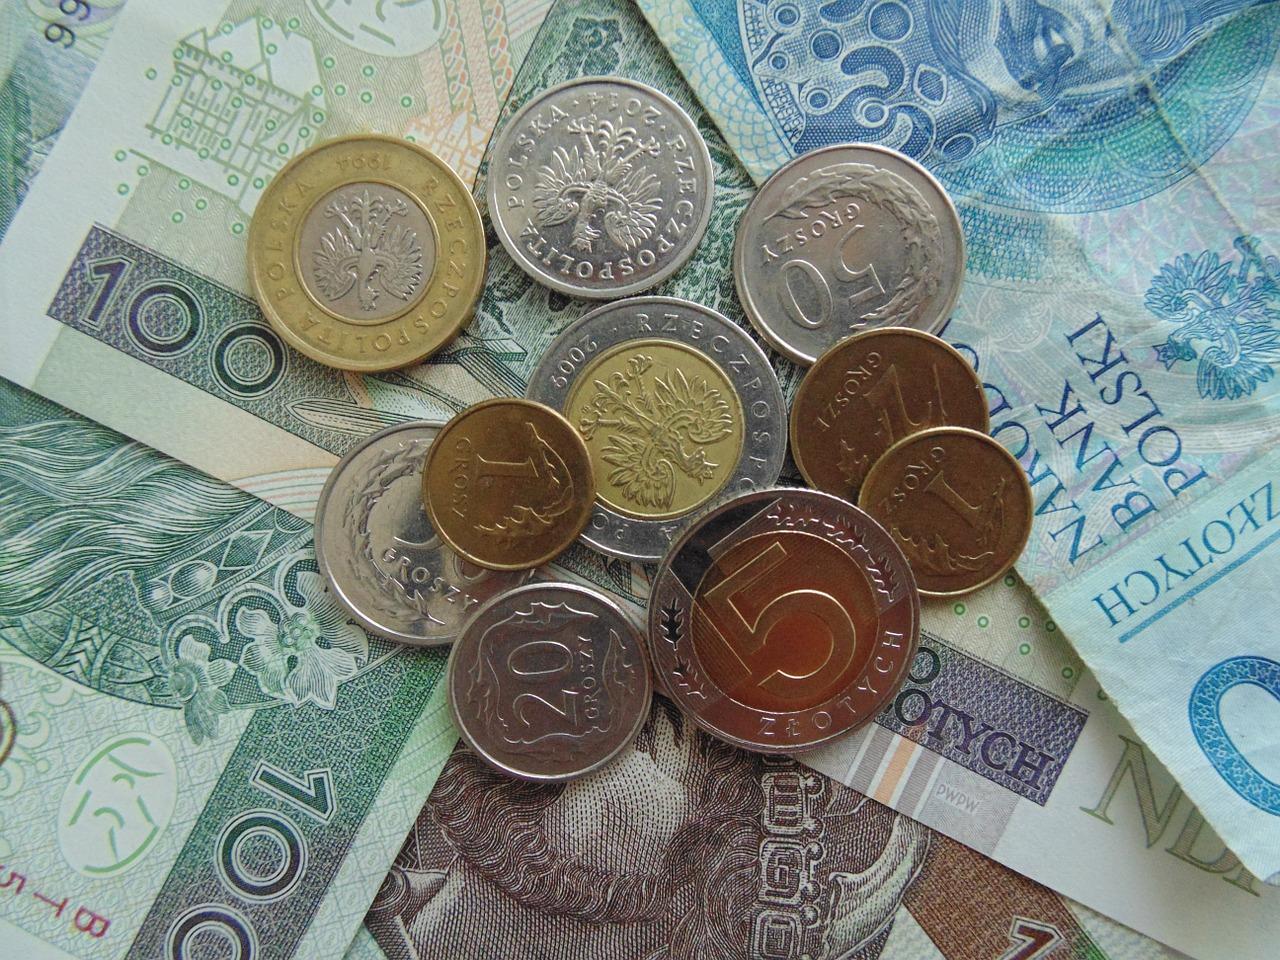 Łatwe pieniądze bez wysiłku – pożyczki od ręki. Szybka pożyczka bez prowizji i bez BIK-u